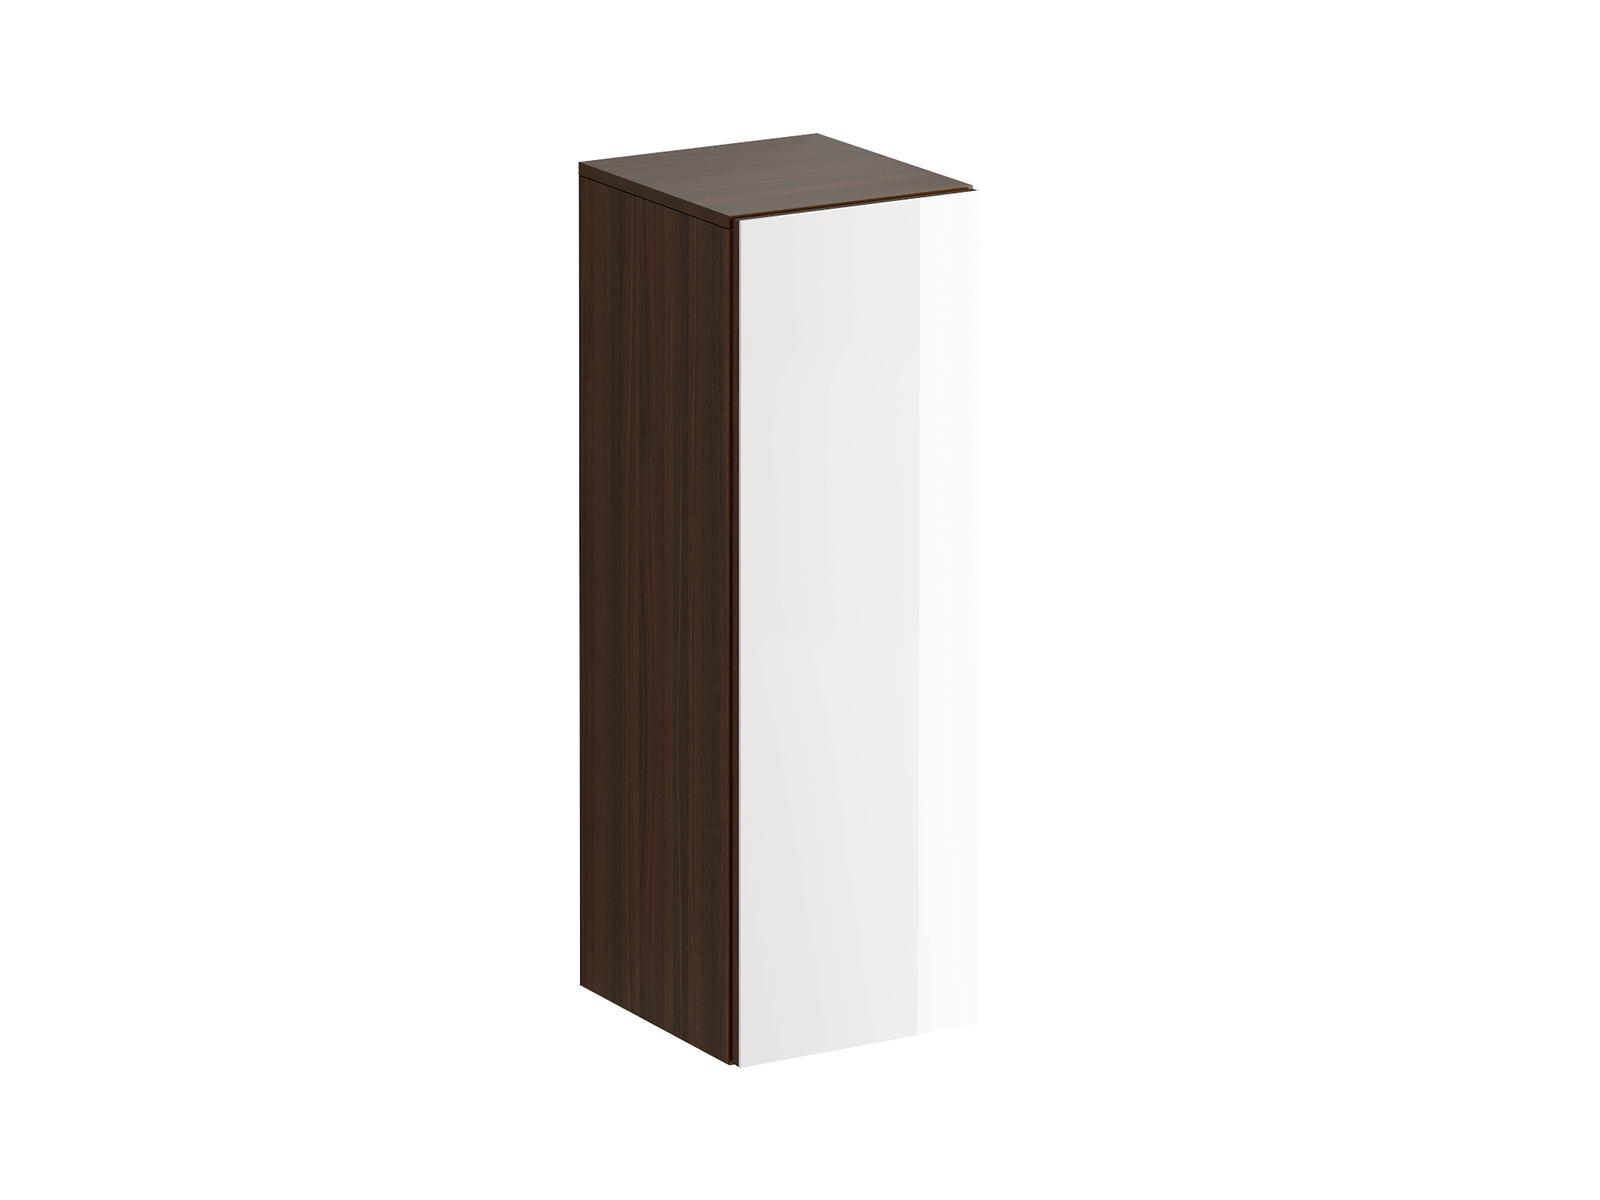 Шкаф навесной GustoШкафы<br>Шкаф имеет три отделения, образованные двумя съемными полками с возможностью переустановки по высоте. Распашная дверь открывается по принципу «нажал-открыл». Задняя стенка черного цвета.<br>